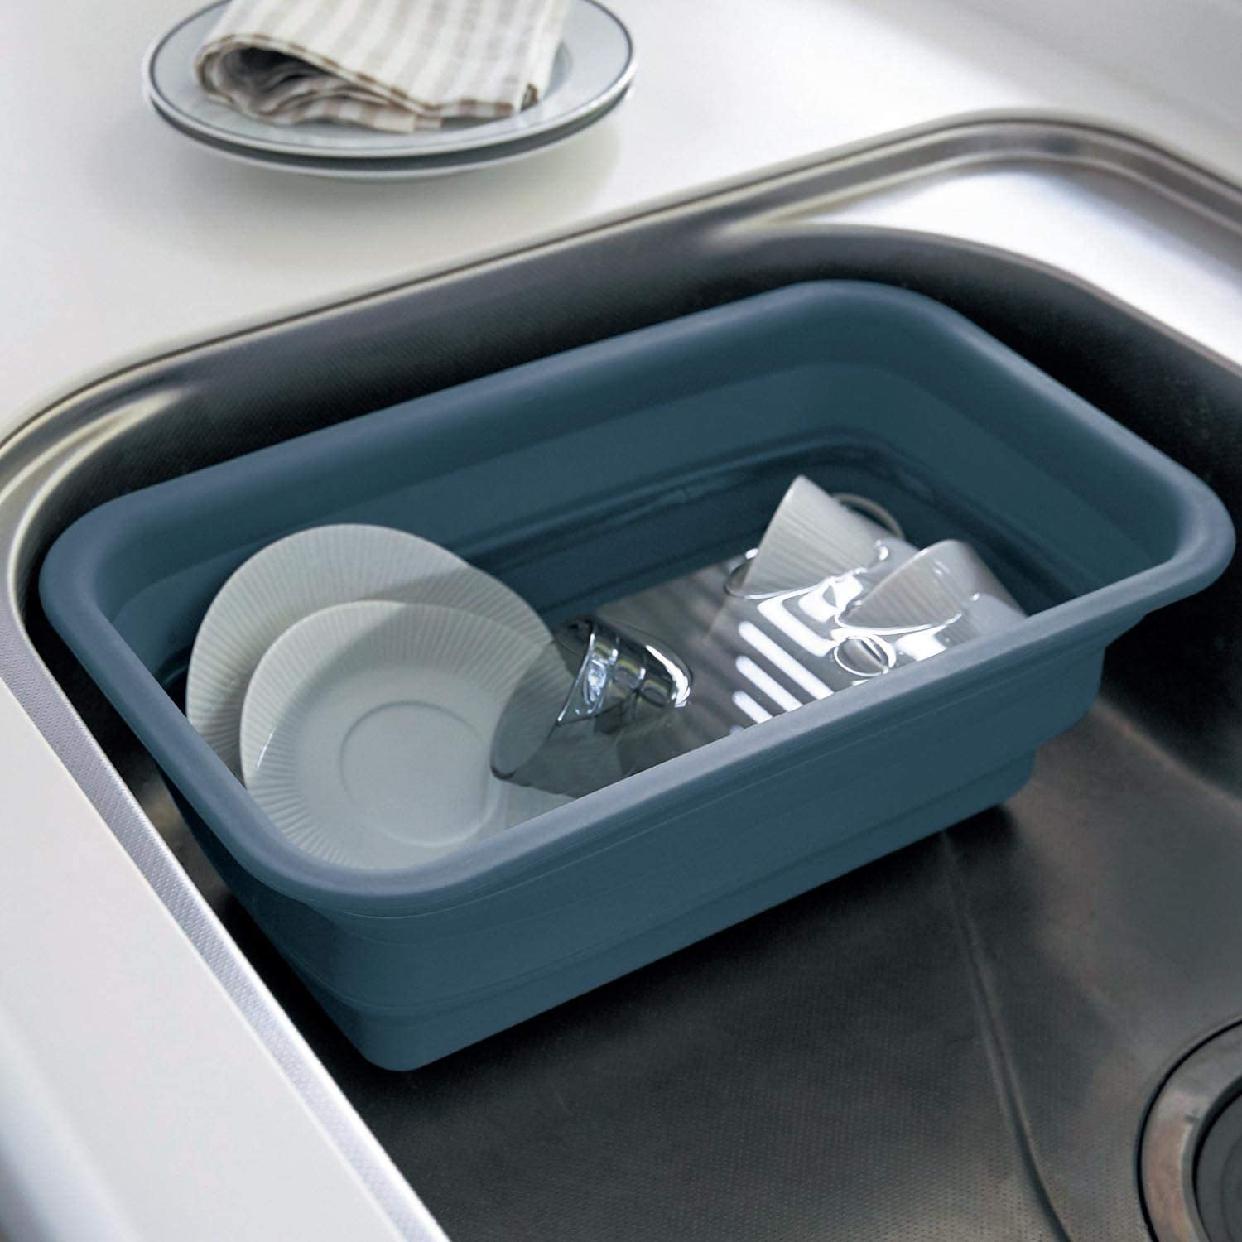 BELL MAISON(ベルメゾン) ステンレス芯材入りの折りたためるシリコーンゴム製スリム洗い桶 グレーの商品画像2